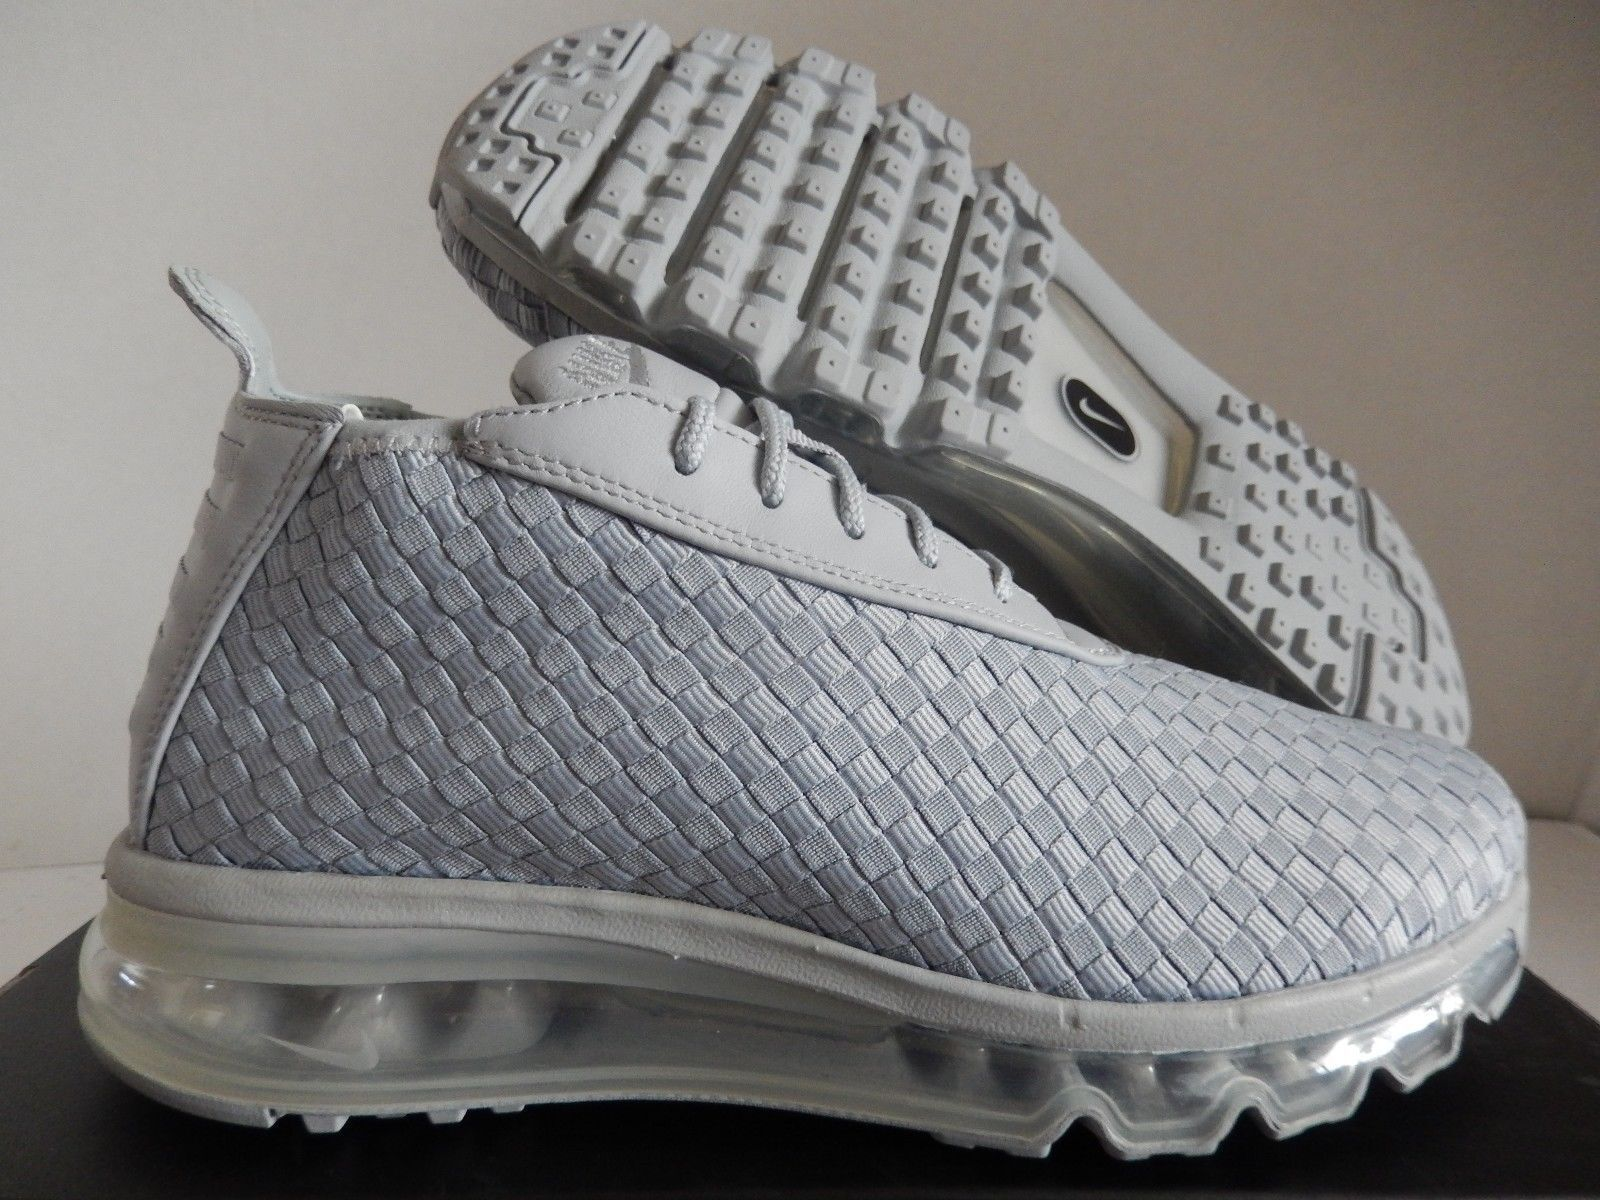 Nike air max boot 2013 wolf grey-wolf tessuti grey-white sz 921854-001 sz grey-white 6,5 9e53a3